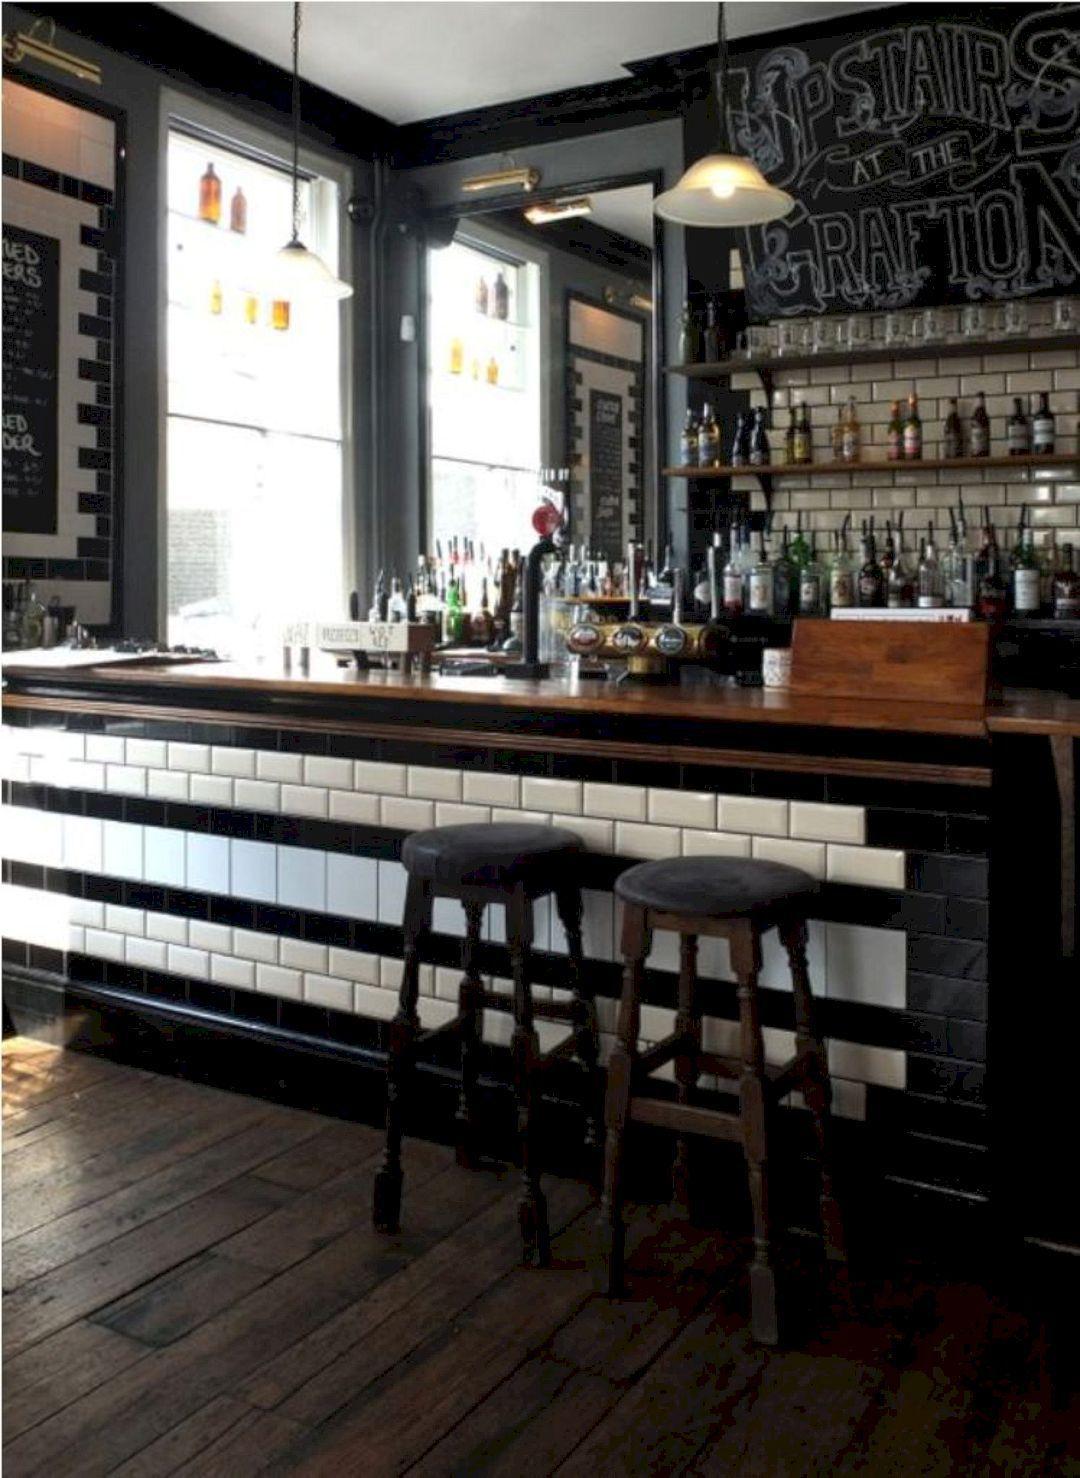 16 Irish Pub Interior Design Ideas Https://www.futuristarchitecture.com/